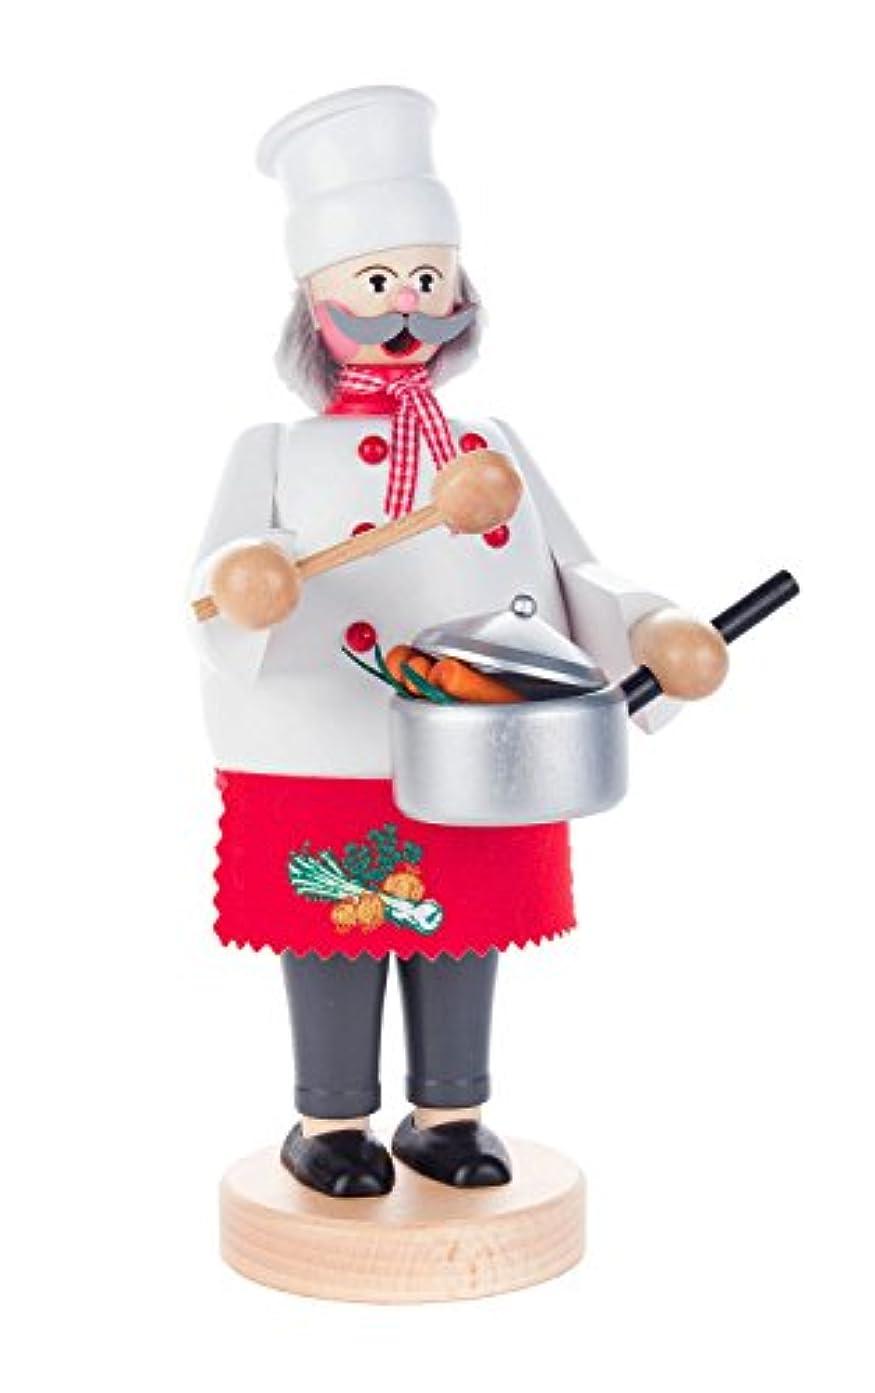 構想する懺悔妻Alexandor TaronホームDecor Dregeno Cook Incense Burner 9